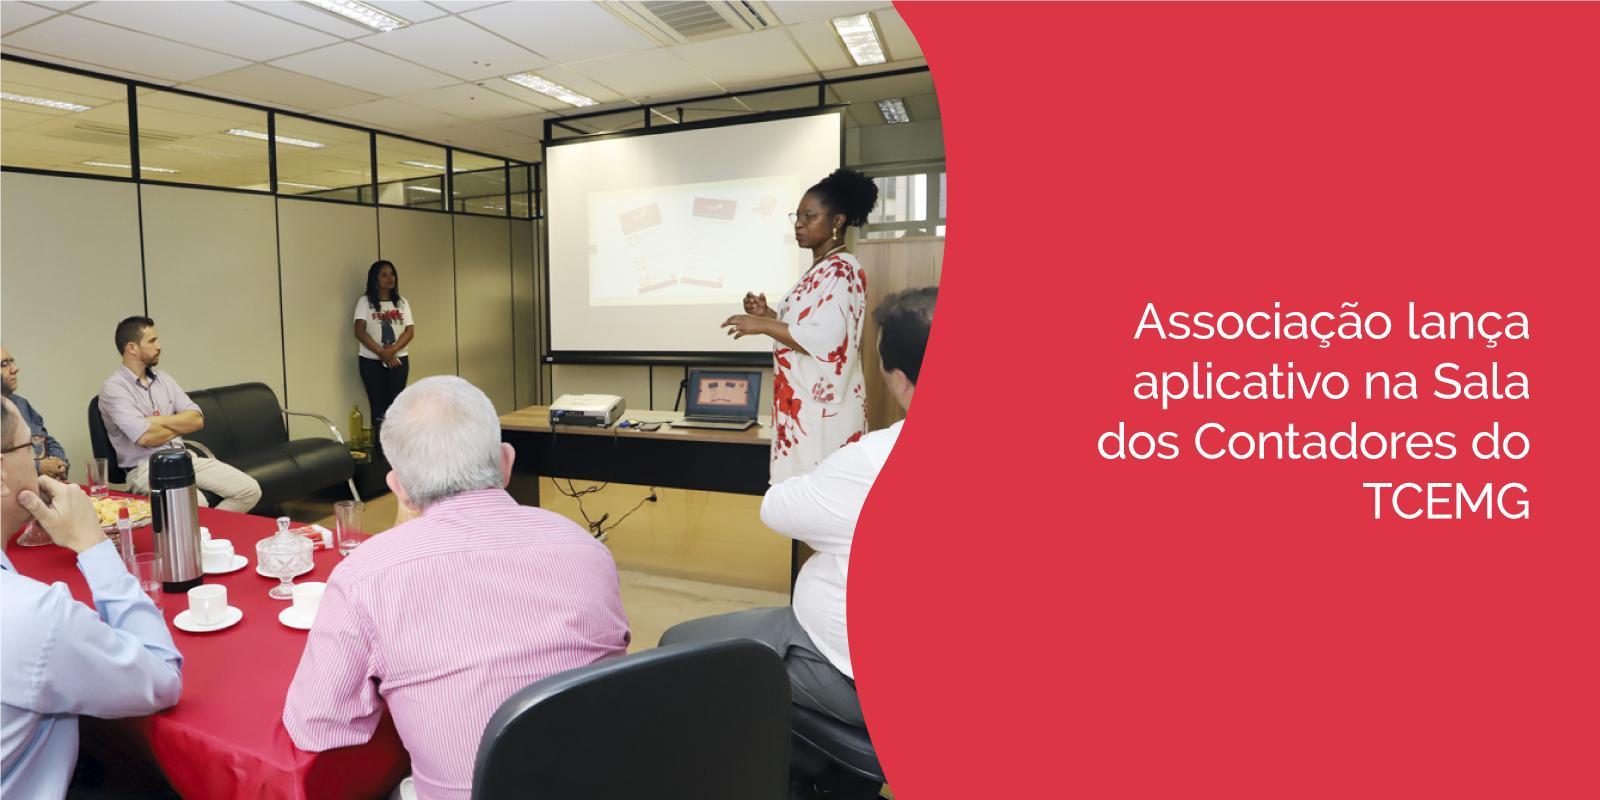 Associação lança aplicativo na Sala dos Contadores do TCEMG